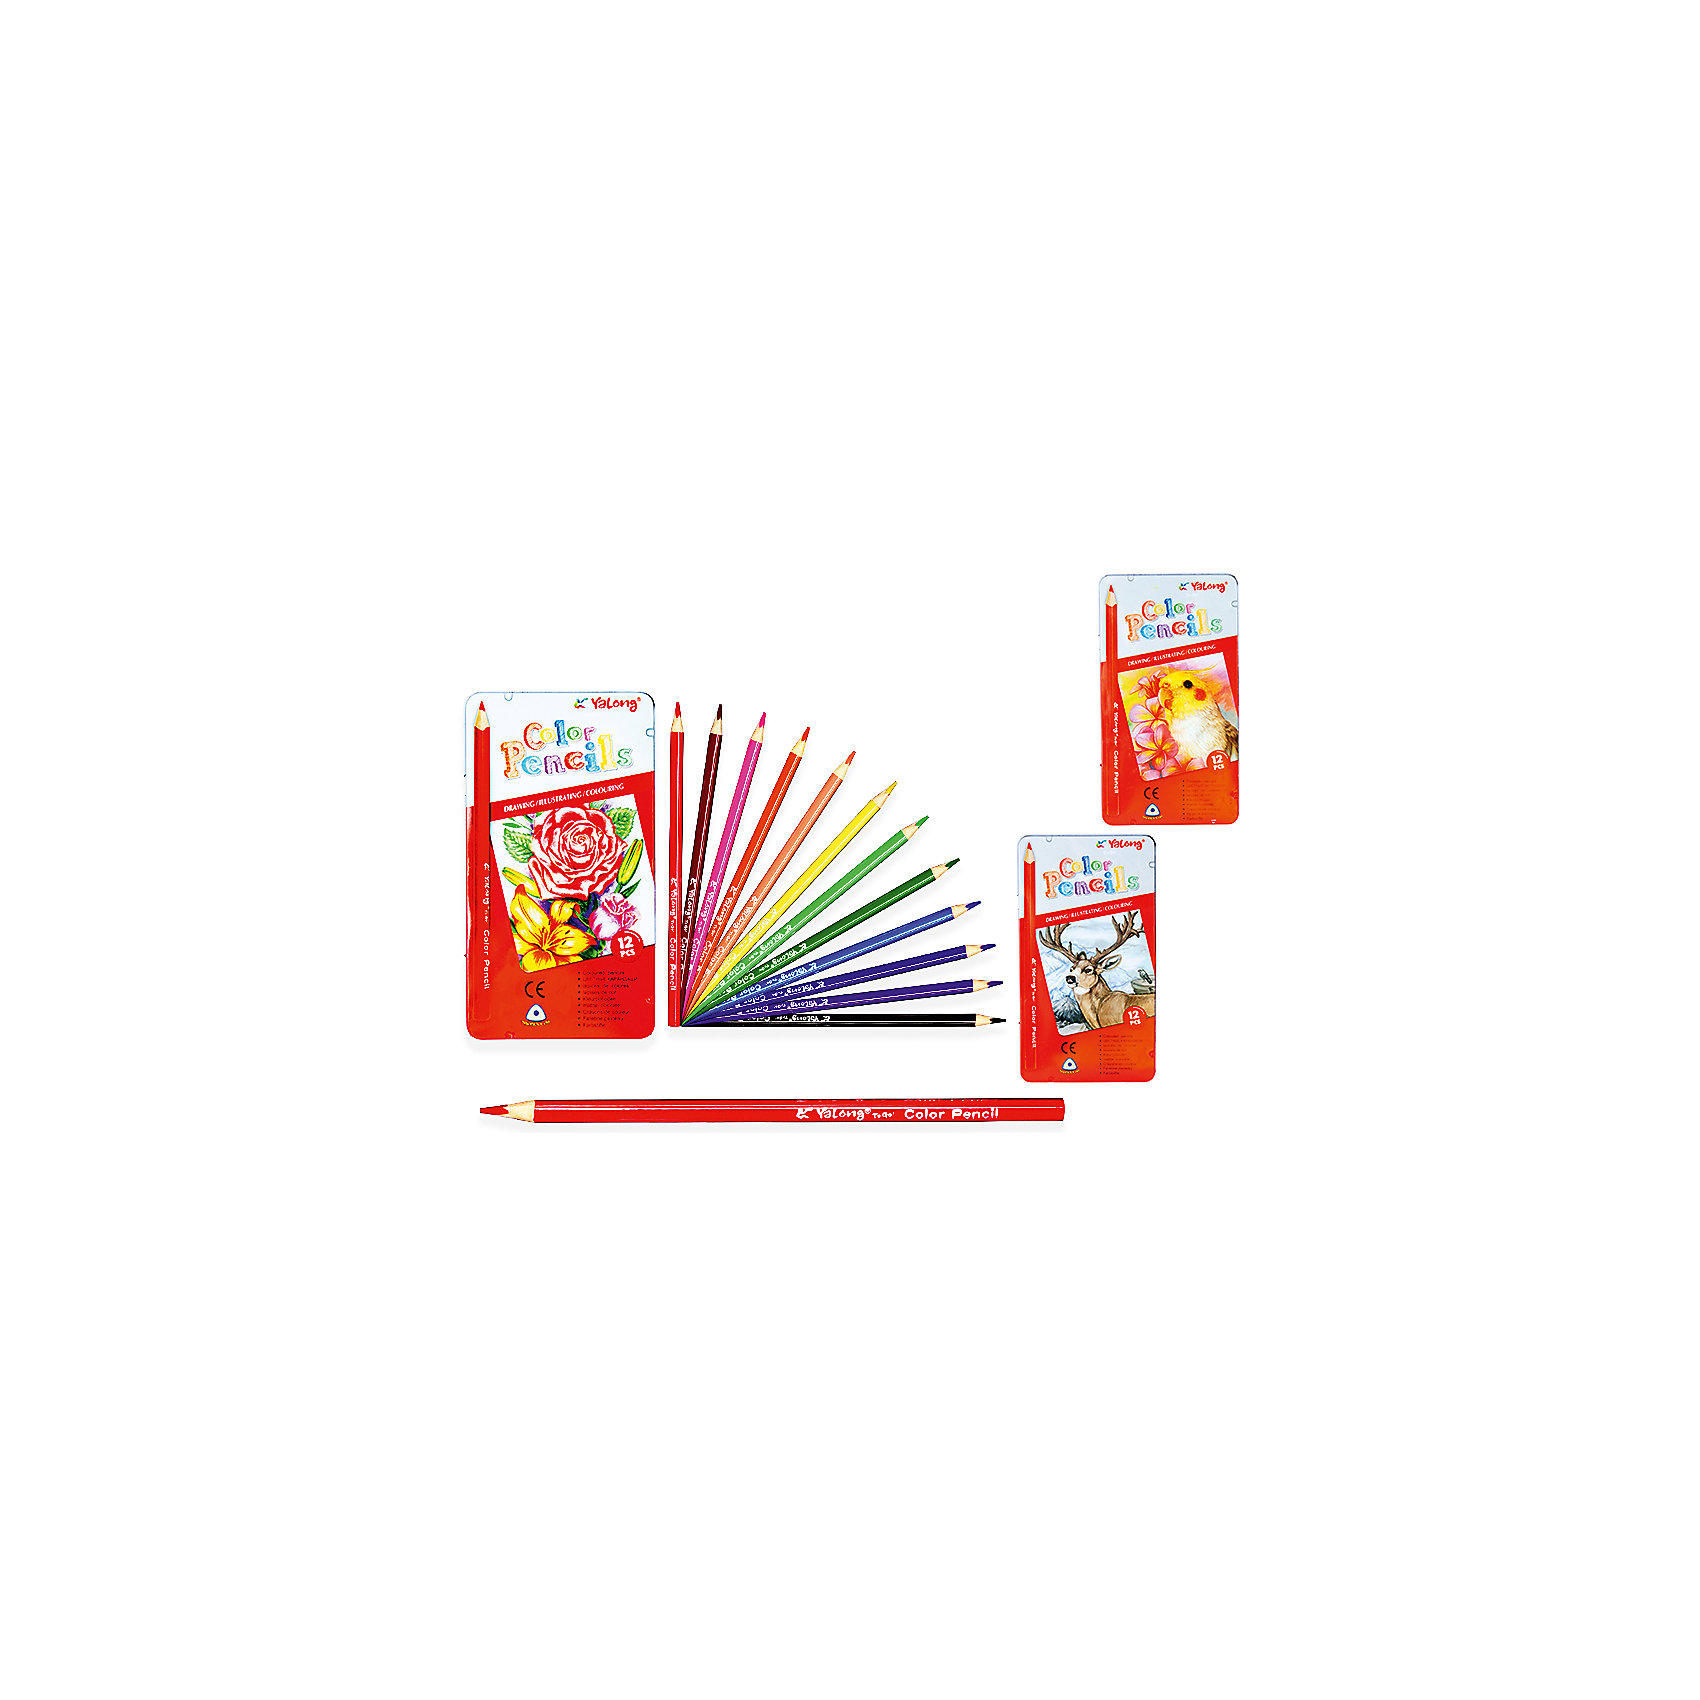 Набор цветных карандашей, 12 цветов, с кисточкойПоследняя цена<br>Набор цветных карандашей – классический пункт в списке школьных покупок. Качественные карандаши прослужат ребенку не один год даже при активном использовании. Важно подобрать набор с яркими цветами, мягким, но прочным стержнем и грифелем с легкой растушевкой. Данная модель набора цветных карандашей – отличный выбор для обновки школьного пенала. В наборе также идет кисточка. Все материалы, использованные при изготовлении, отвечают международным требованиям по качеству и безопасности.<br><br>Дополнительная информация: <br><br>количество цветов: 12 шт;<br>кисточка -  в комплекте.<br><br>Набор цветных карандашей, 12 цветов, с кисточкой можно приобрести в нашем магазине.<br><br>Ширина мм: 100<br>Глубина мм: 100<br>Высота мм: 10<br>Вес г: 50<br>Возраст от месяцев: 36<br>Возраст до месяцев: 120<br>Пол: Унисекс<br>Возраст: Детский<br>SKU: 4993596